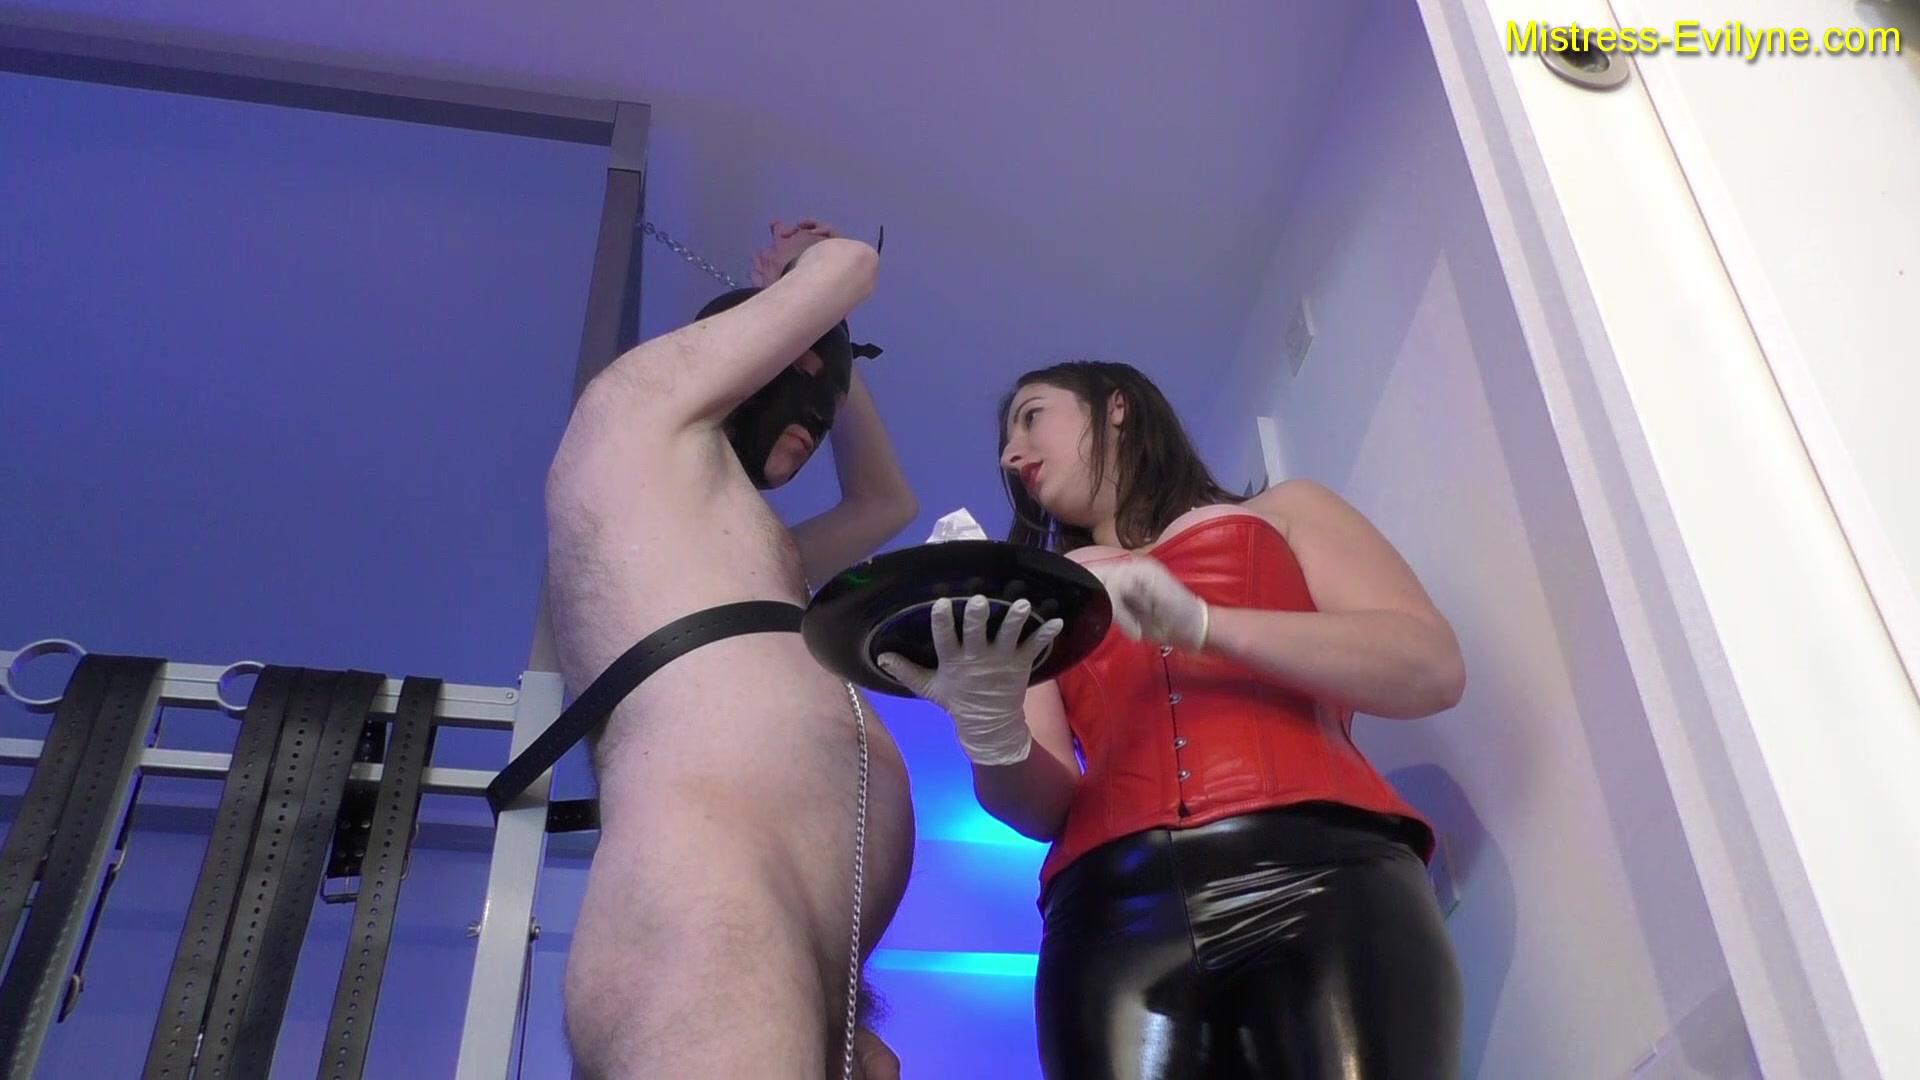 Mistress_Evilyne_-_Helpless_toilet_training.00001.jpg